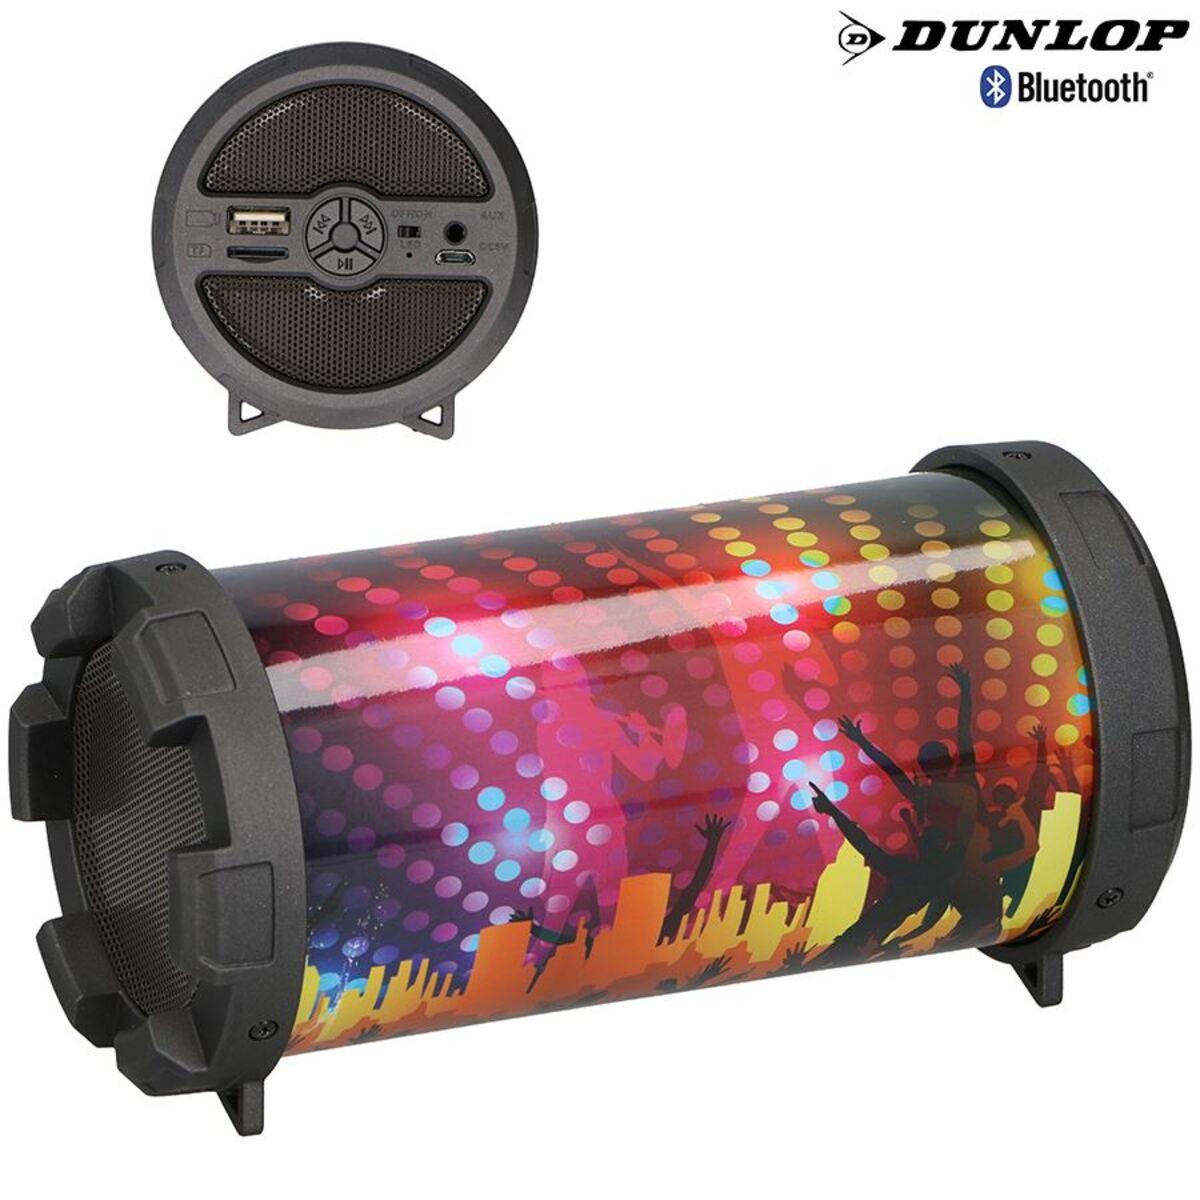 Bild 1 von Dunlop Bluetooth-Lautsprecher MW-133BT